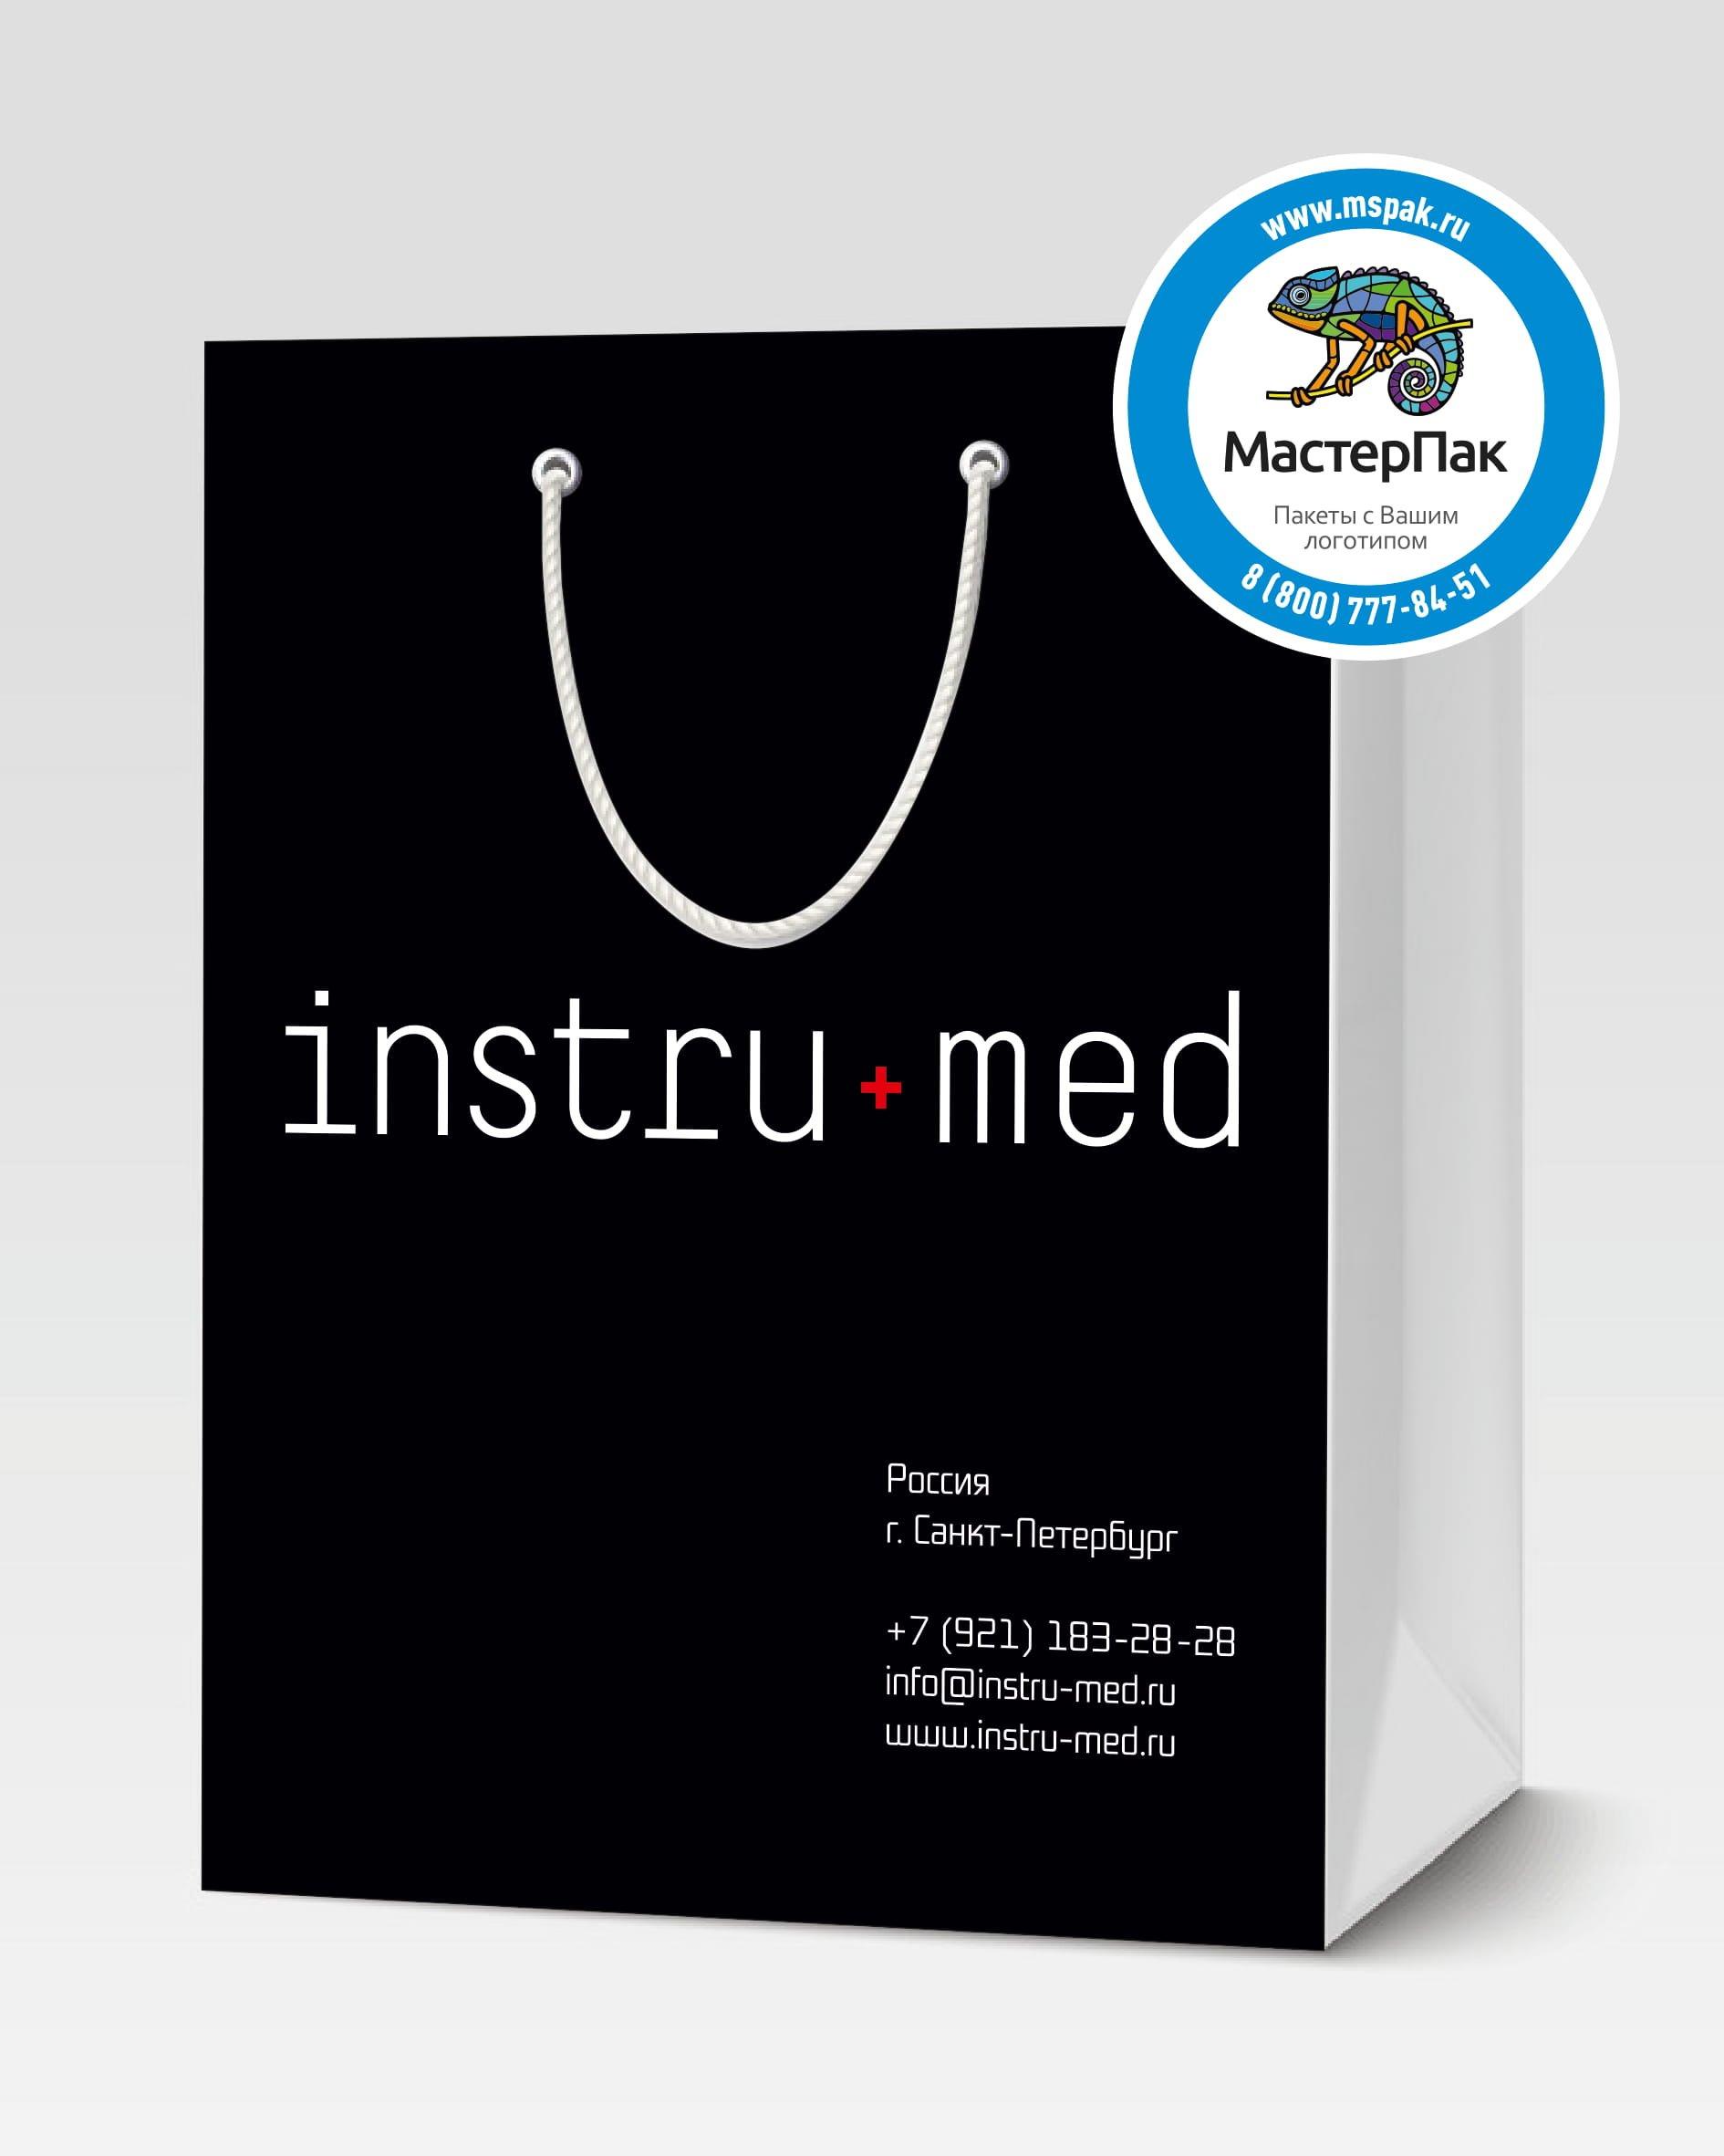 Пакет подарочный, бумажный с логотипом Instru*Med, Спб, 30*40, люверсы